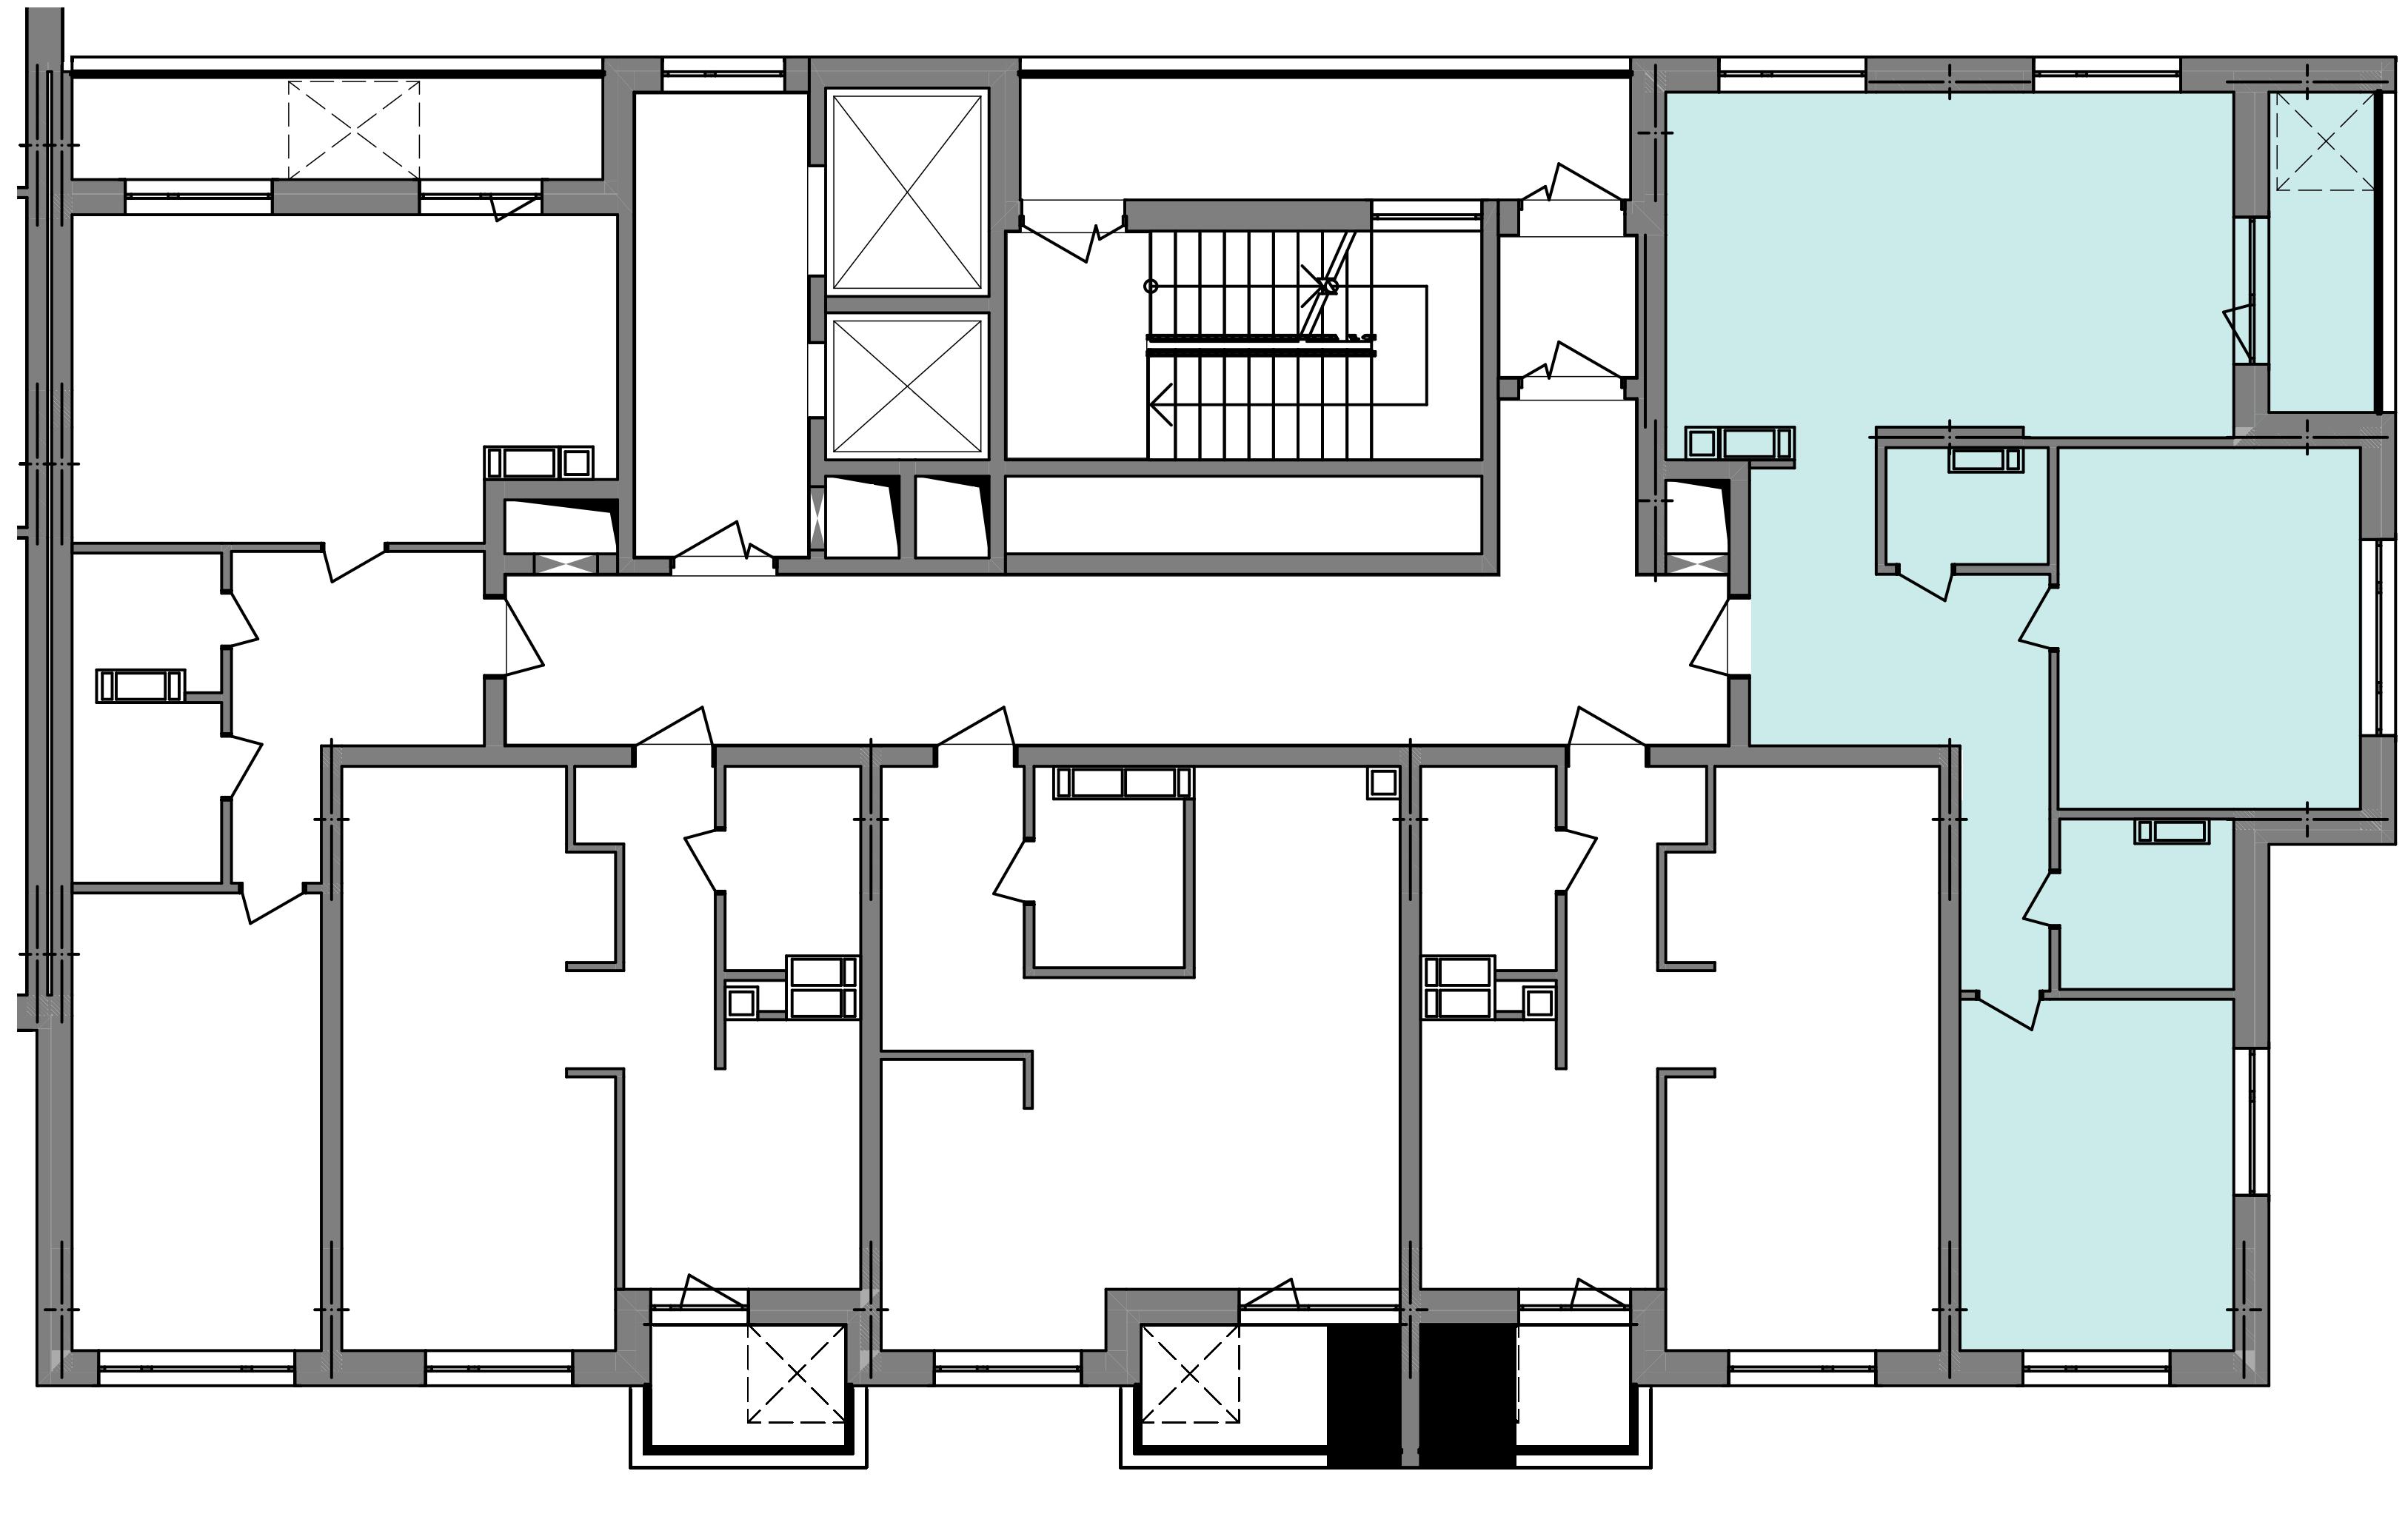 Трикімнатна квартира 79,68 кв.м., тип 3.2, будинок 3, секція 5 розташування на поверсі